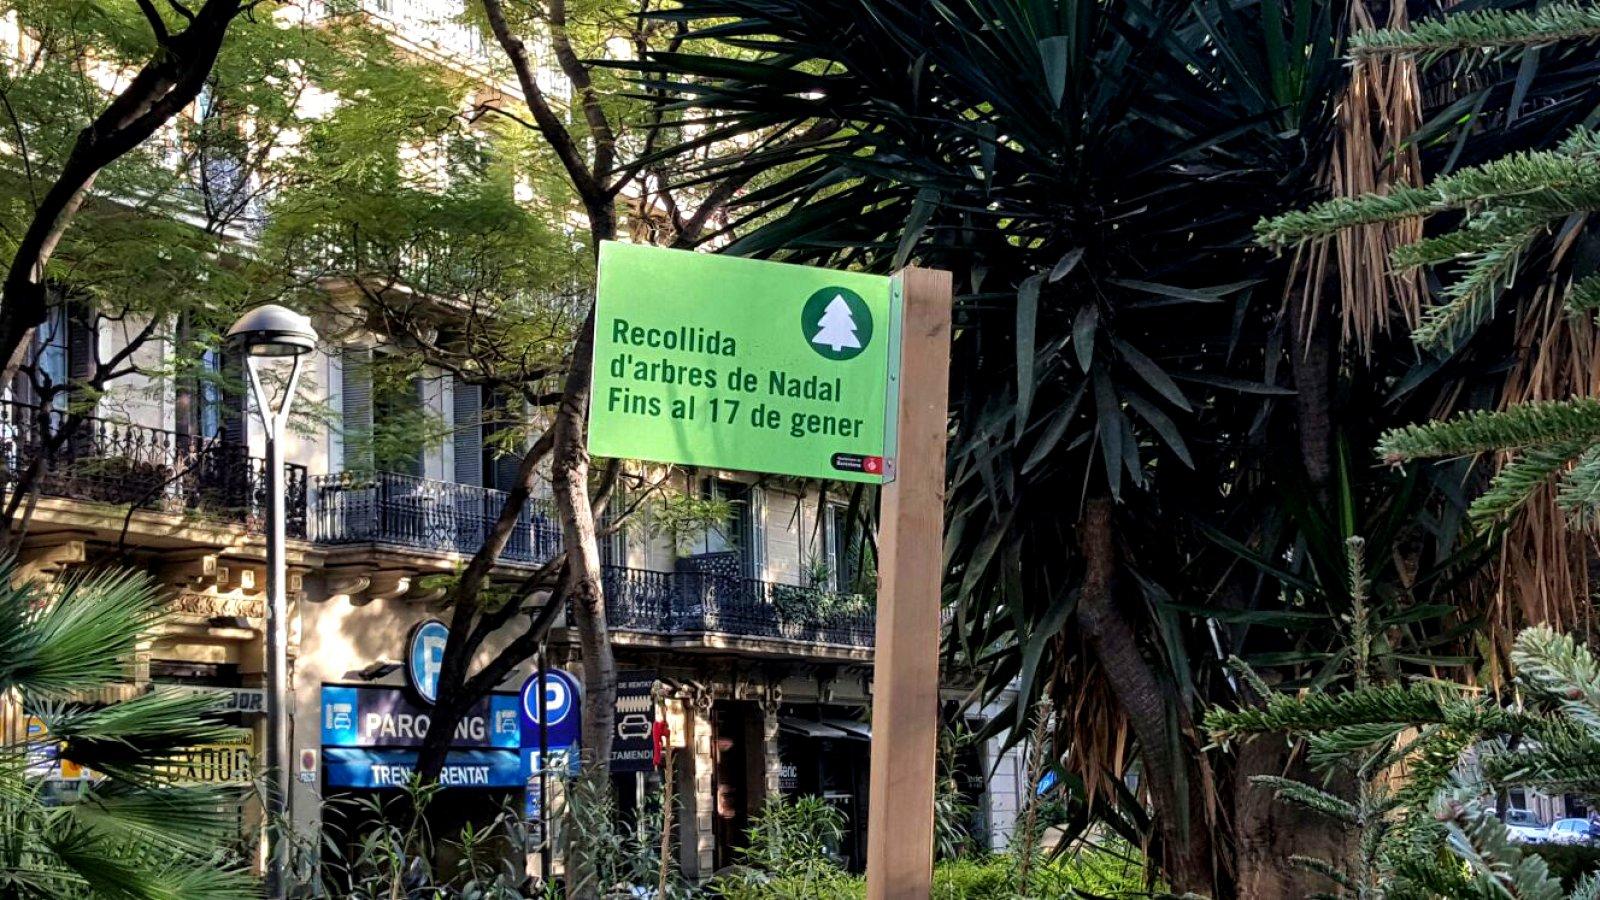 Punt de recollida d'arbres de Nadal a Plaça Letamendi de Barcelona